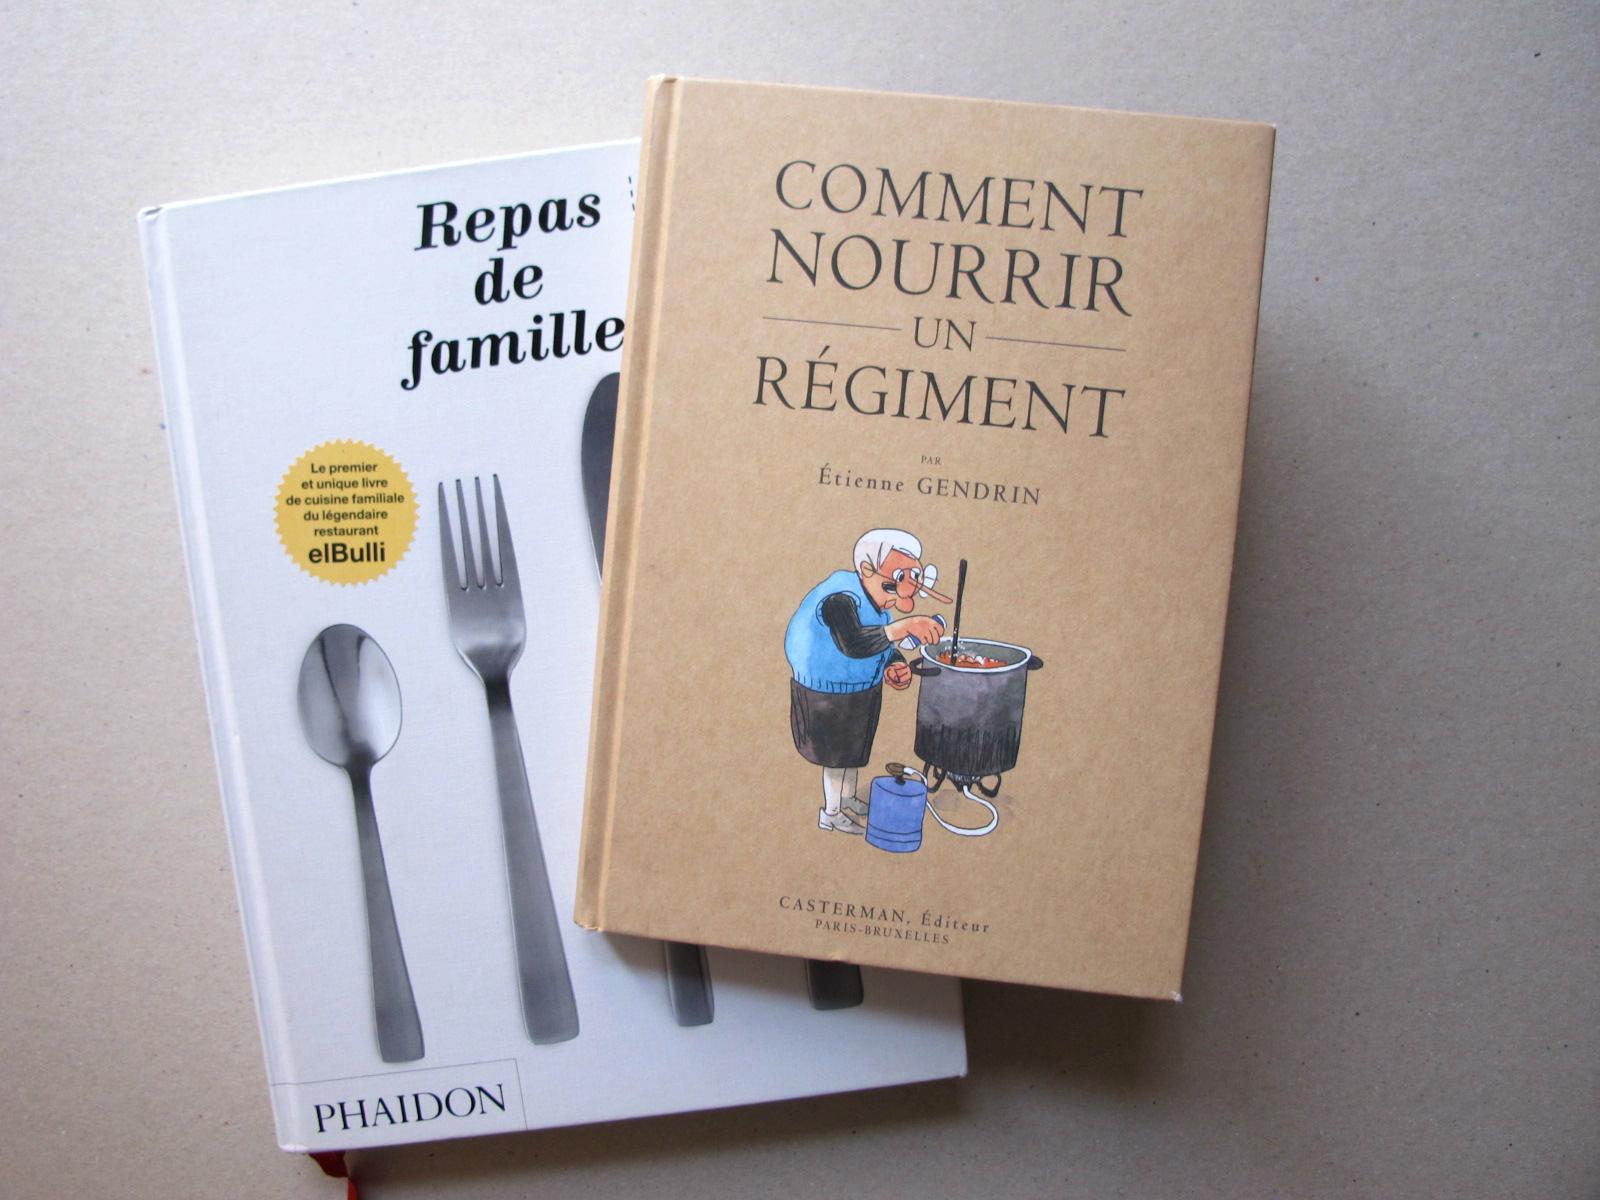 Nourrir un régiment…